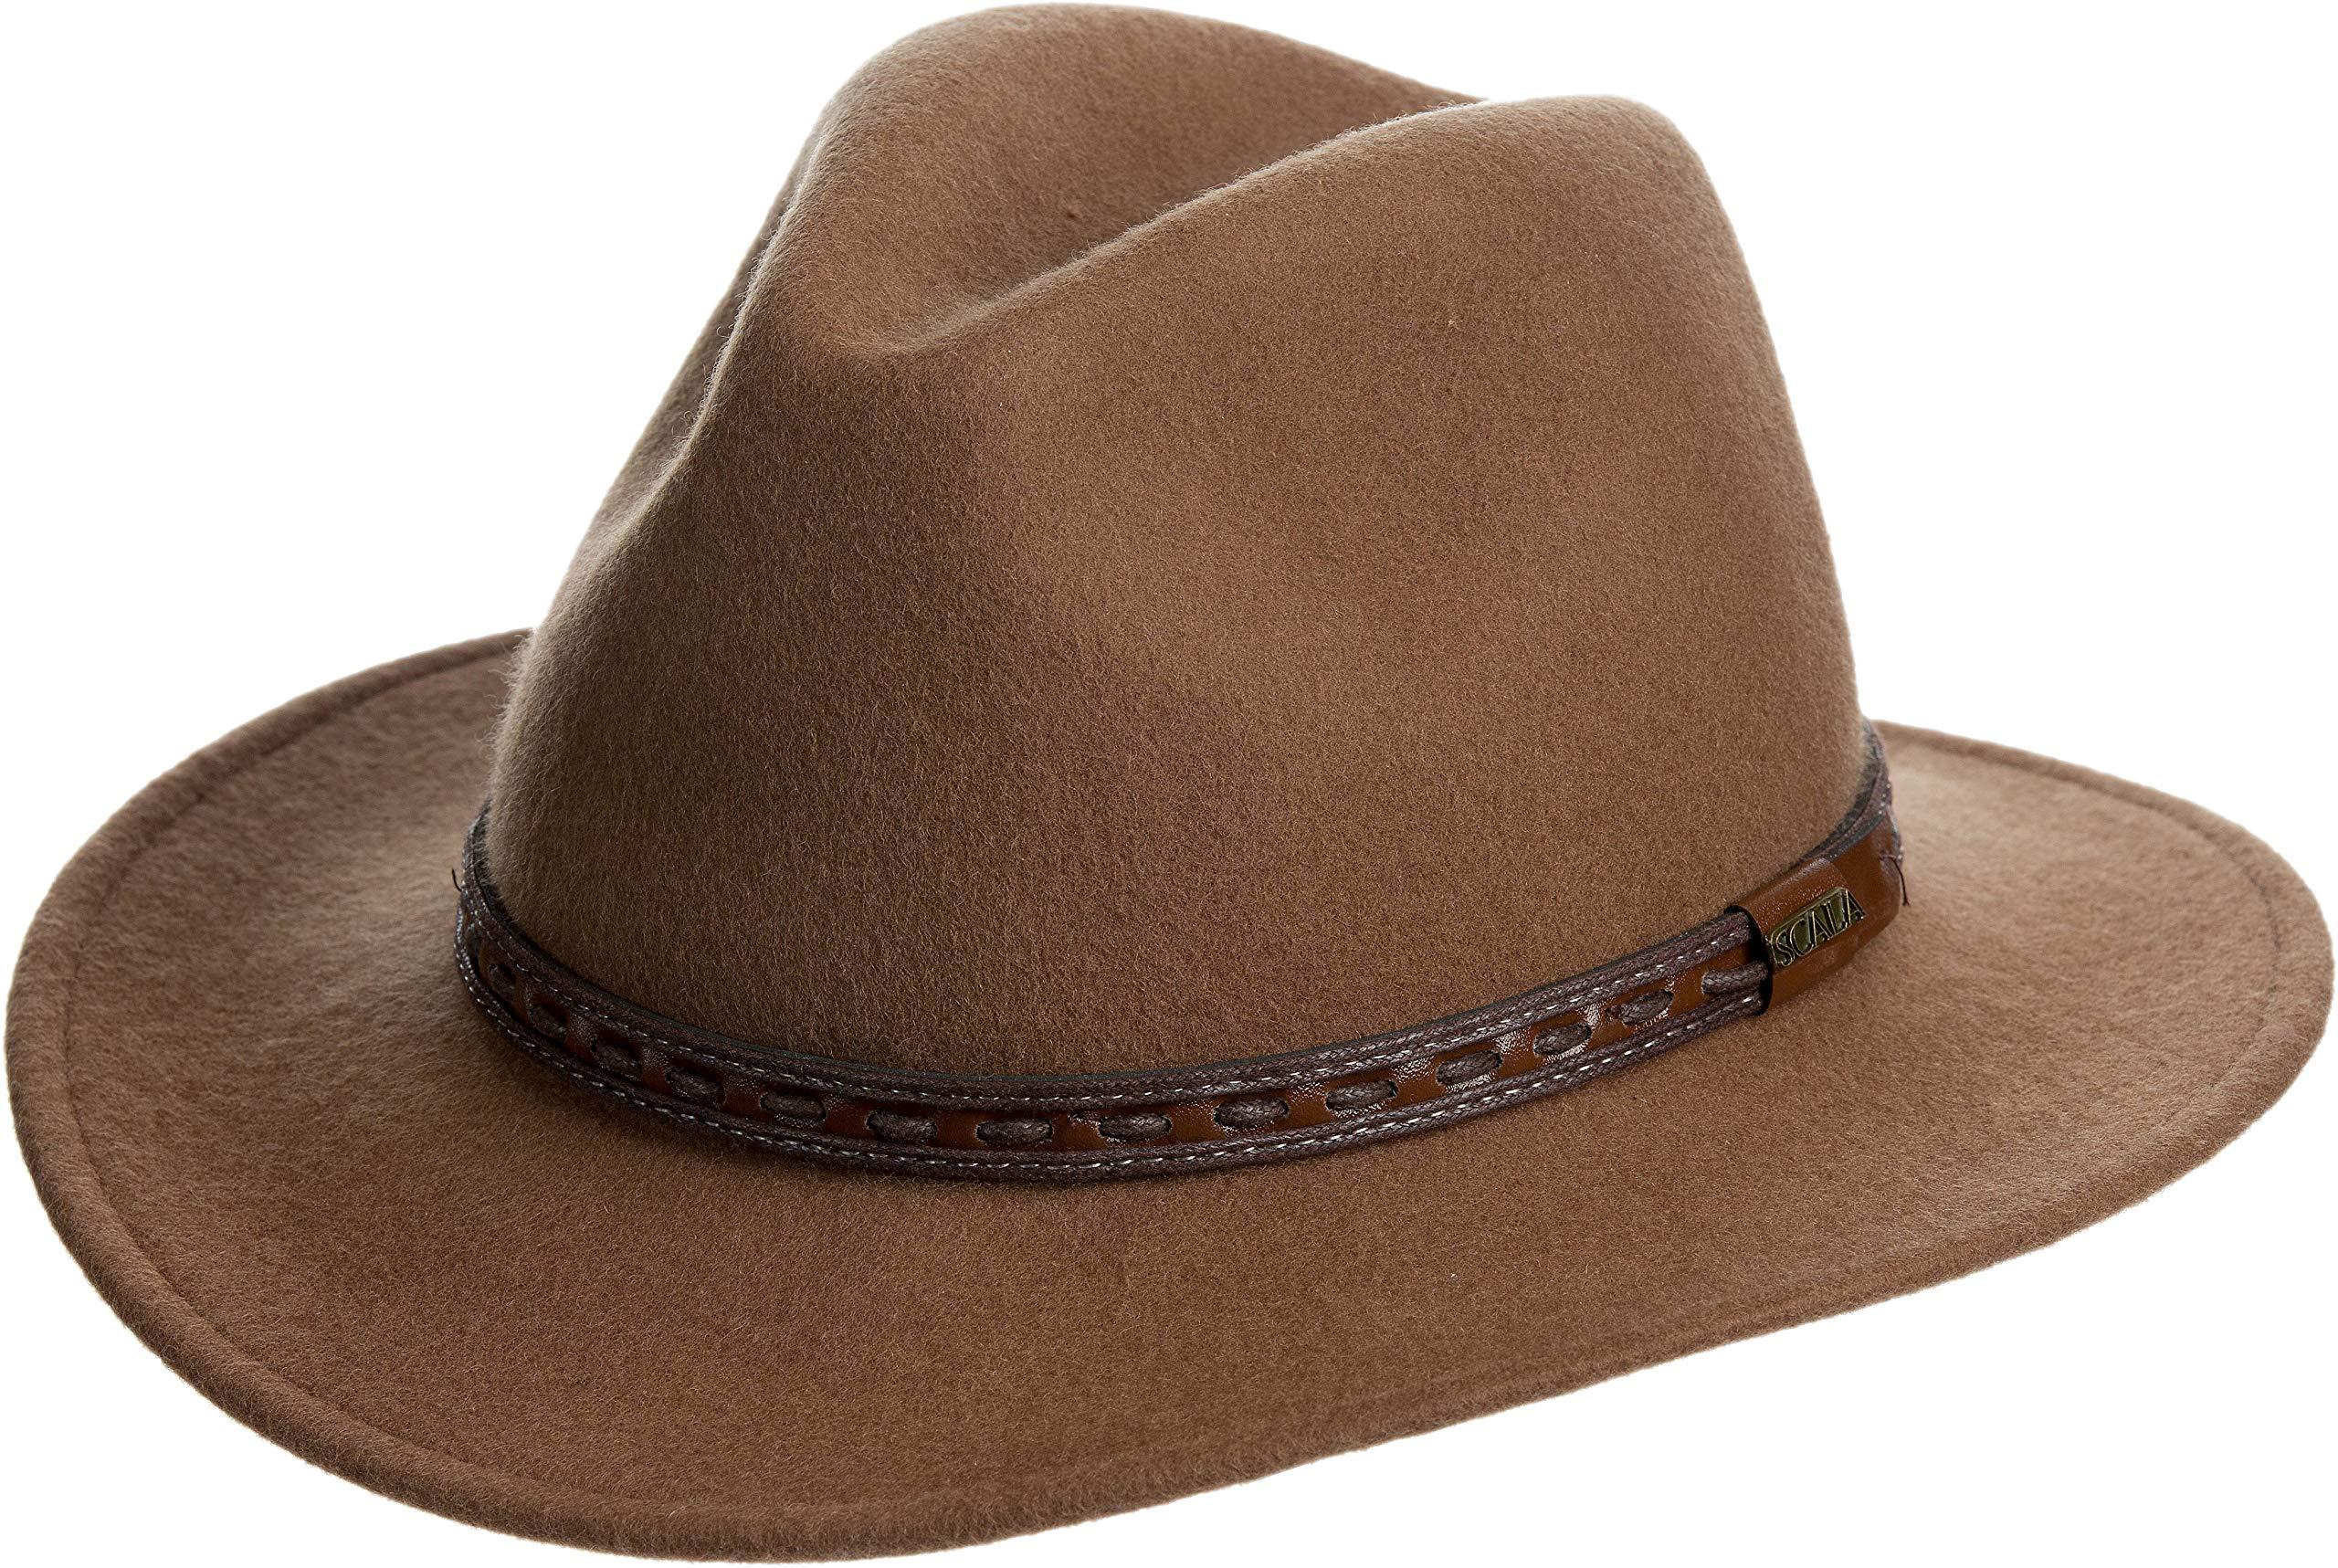 Overland Sheepskin Co Sierra Crushable Wool Safari Hat by Overland Sheepskin Co